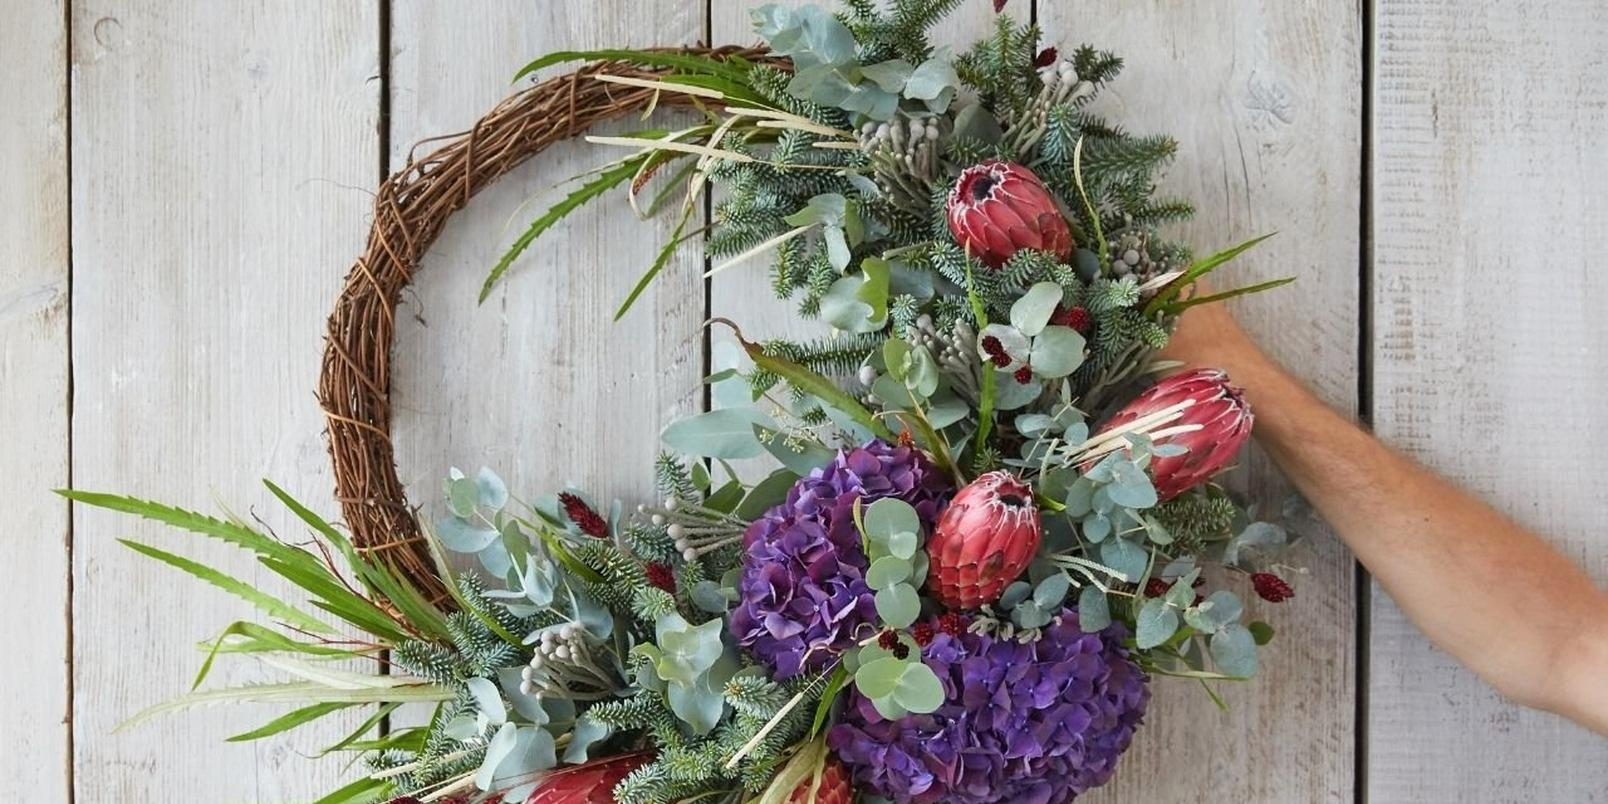 eco-friendly-wreath2-4